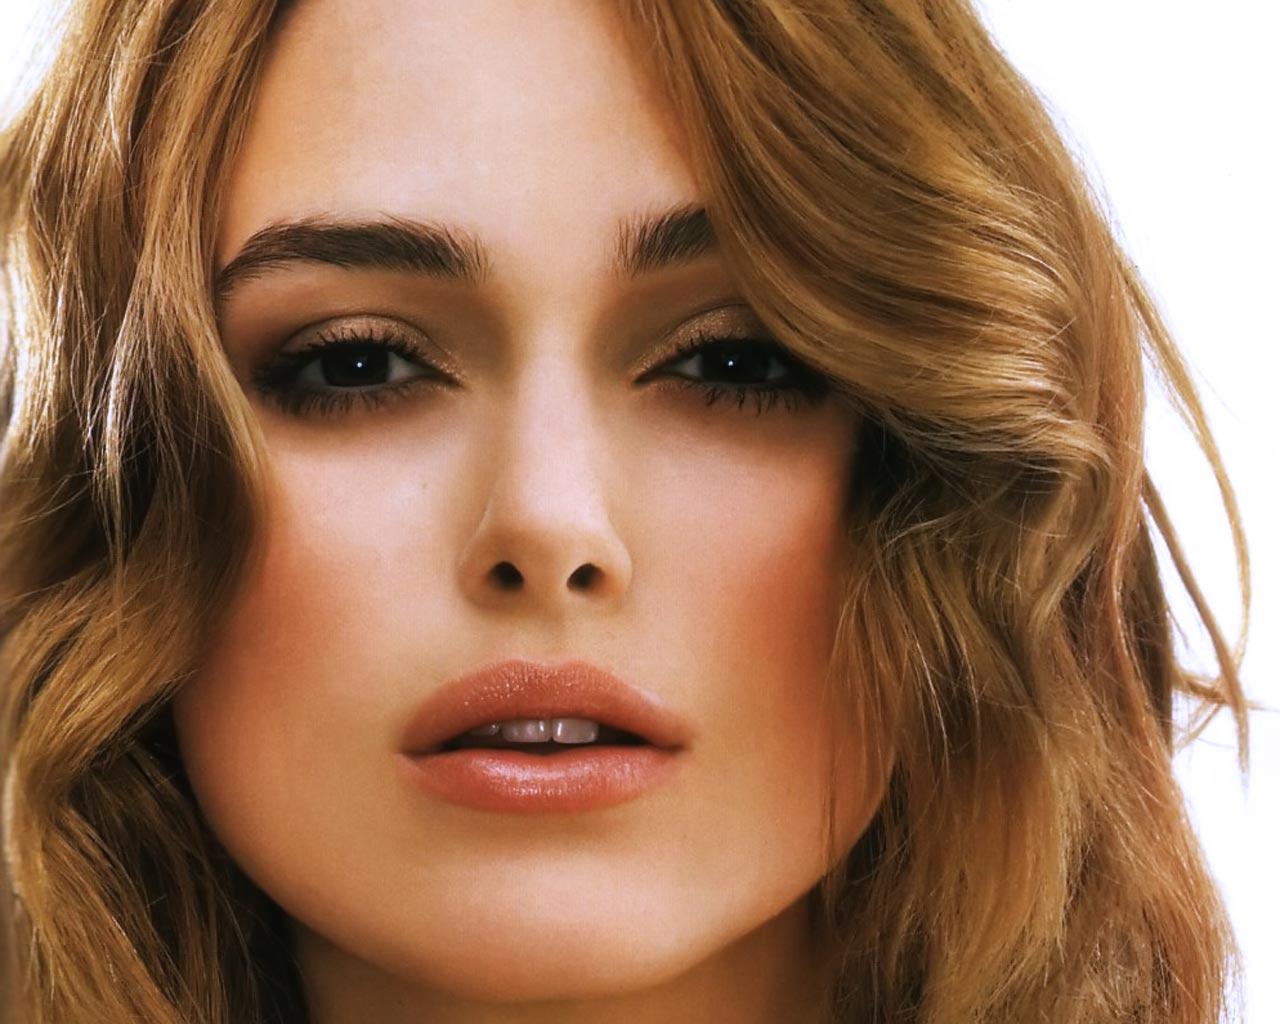 Hollywood Actress Photos 1280x1024